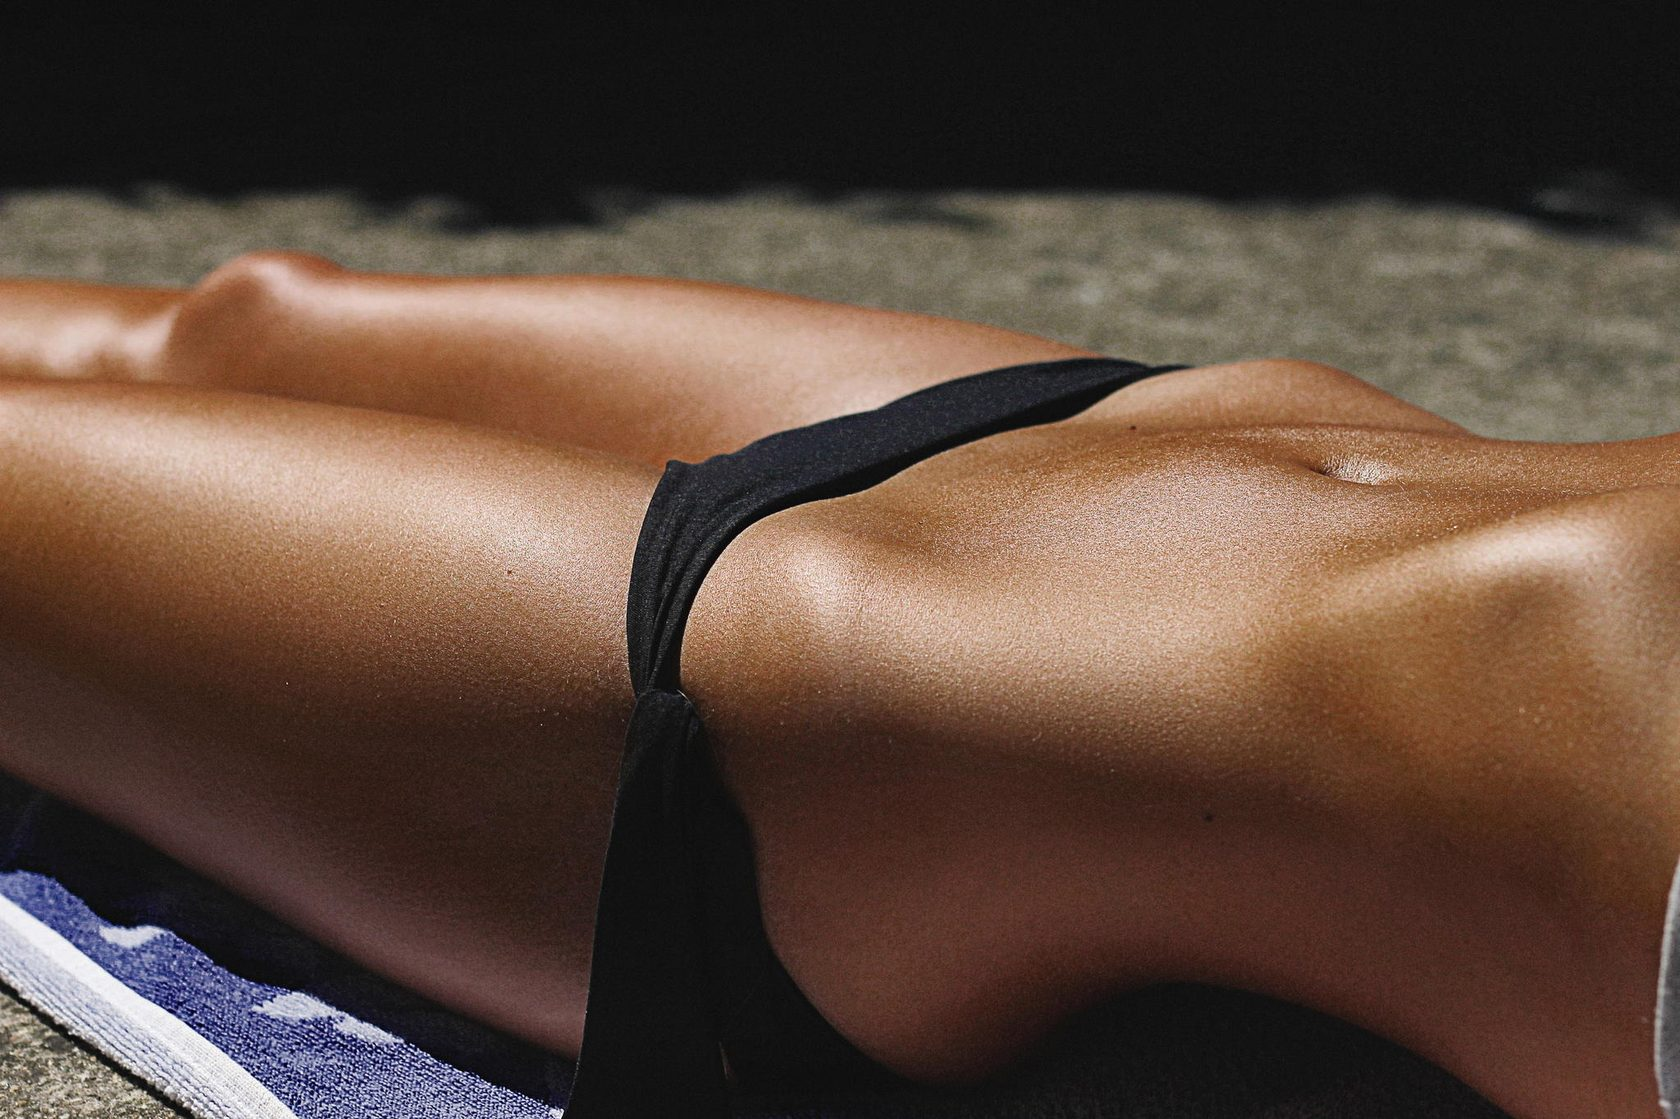 Красивые тела в купальнике без лица фото, массаж в конвульсиях от оргазма